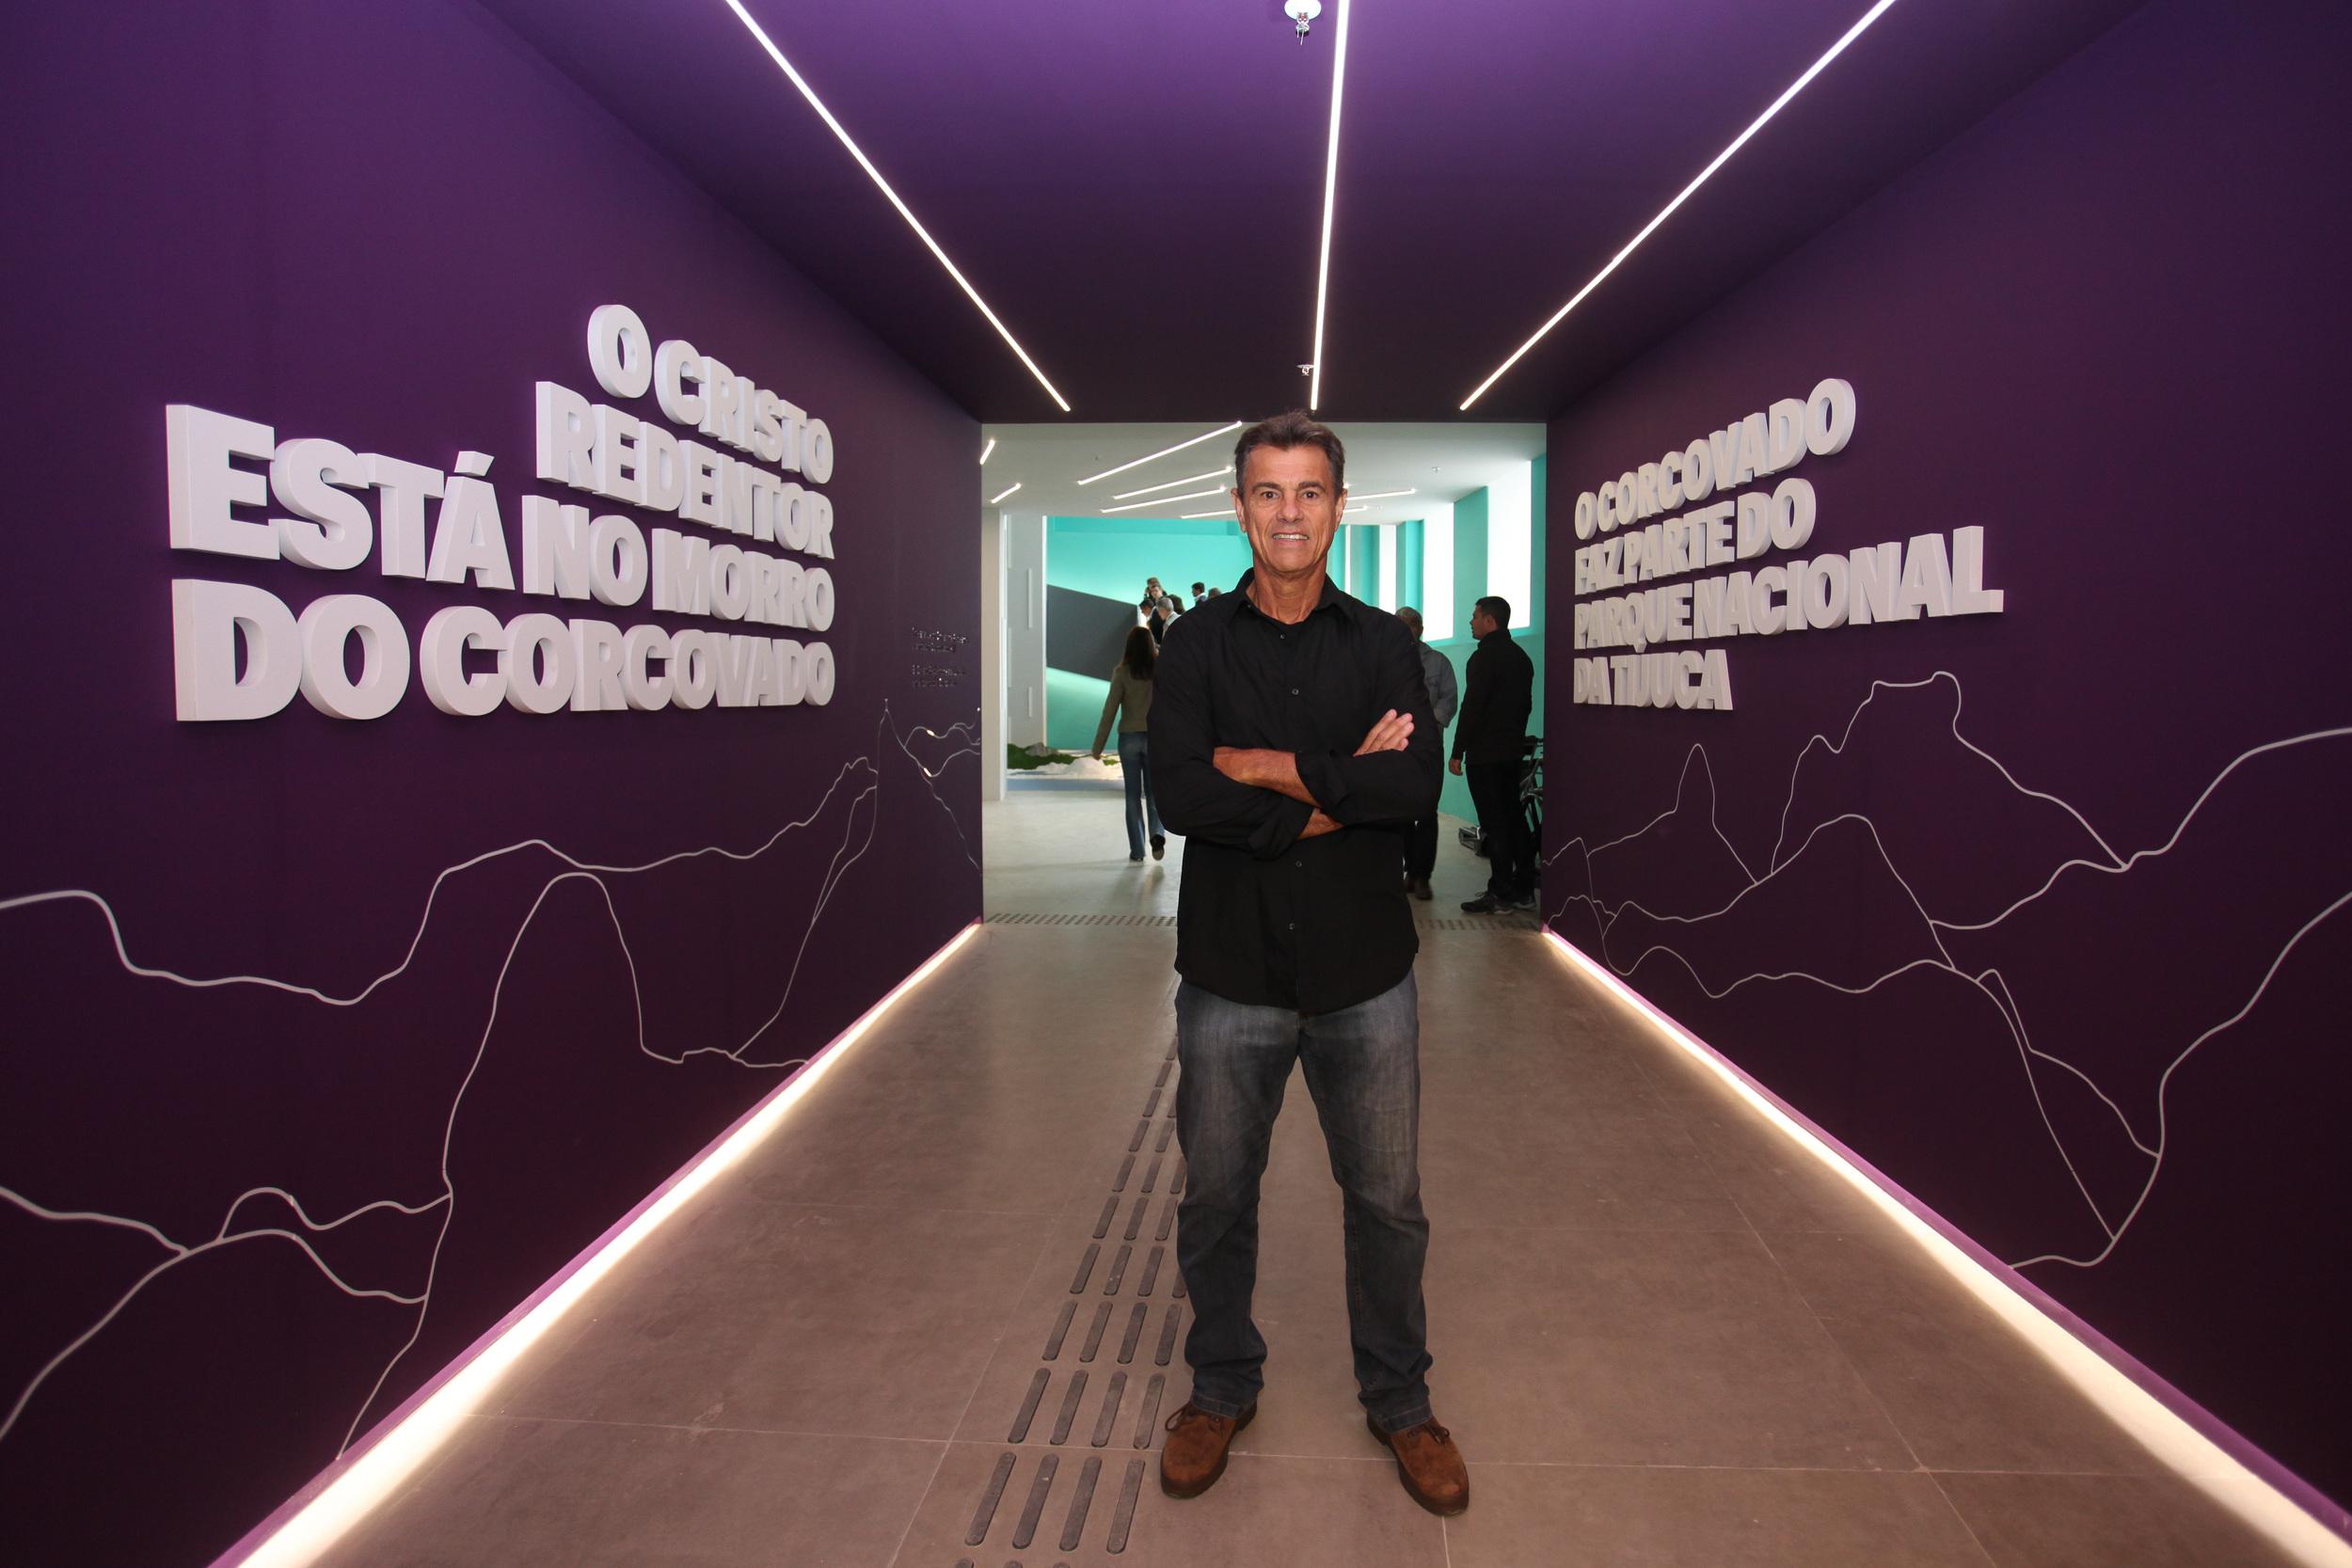 O ex-jogador Edinho marcou presença na apresentação do hotel para os jornalistas